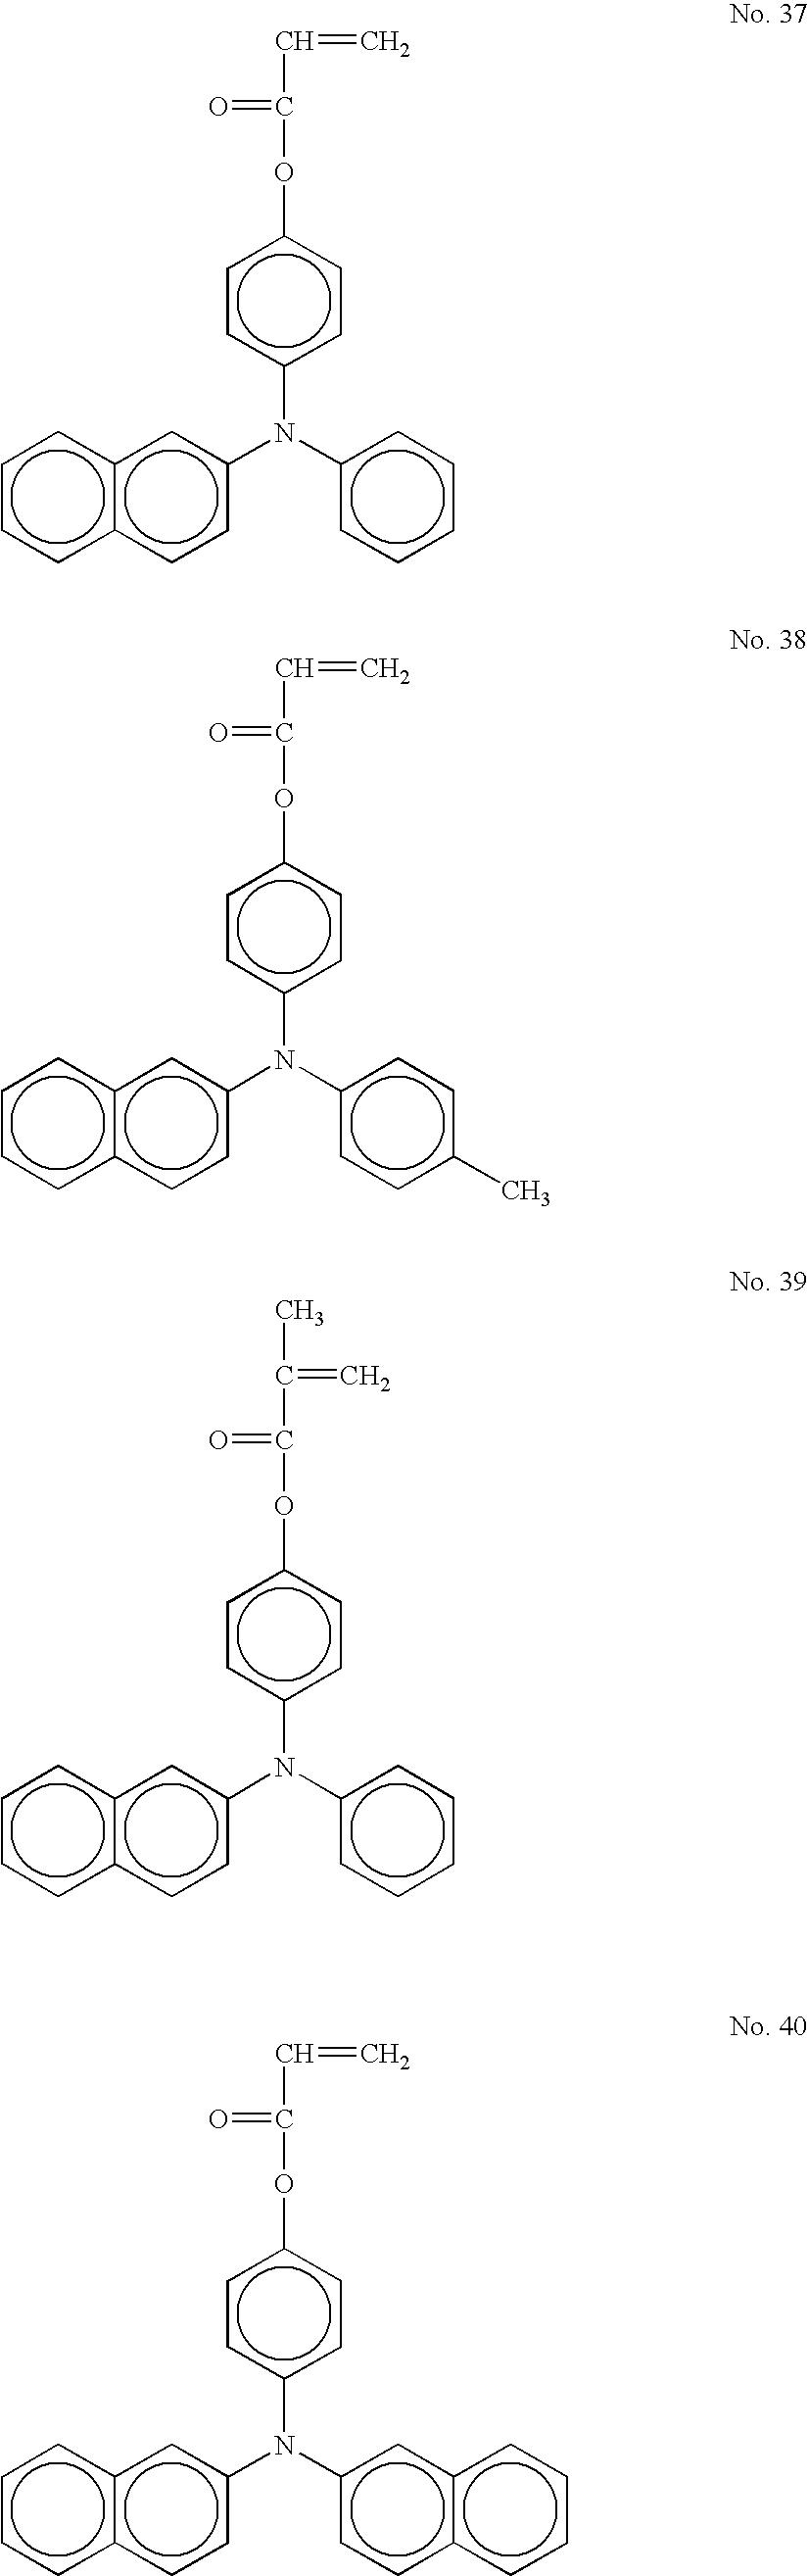 Figure US20050158641A1-20050721-C00026